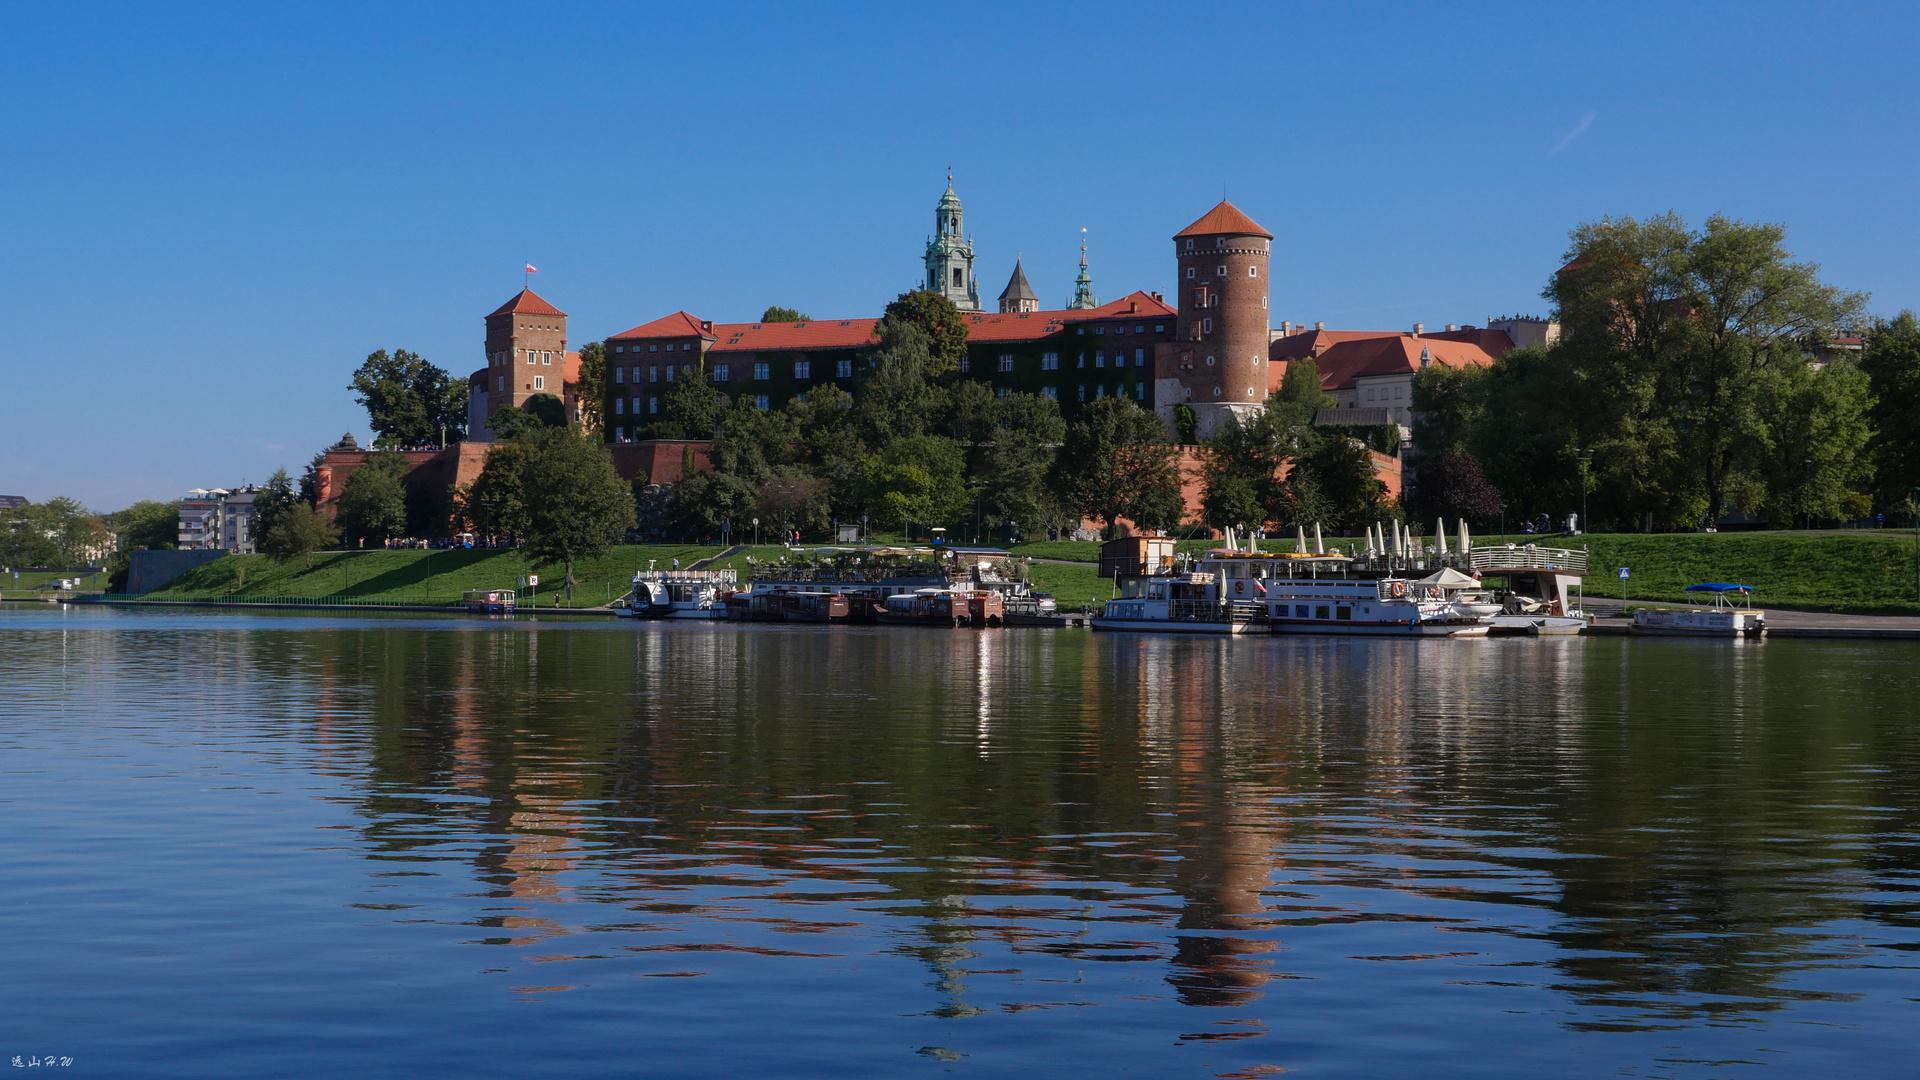 Wawel Castle,Krakow